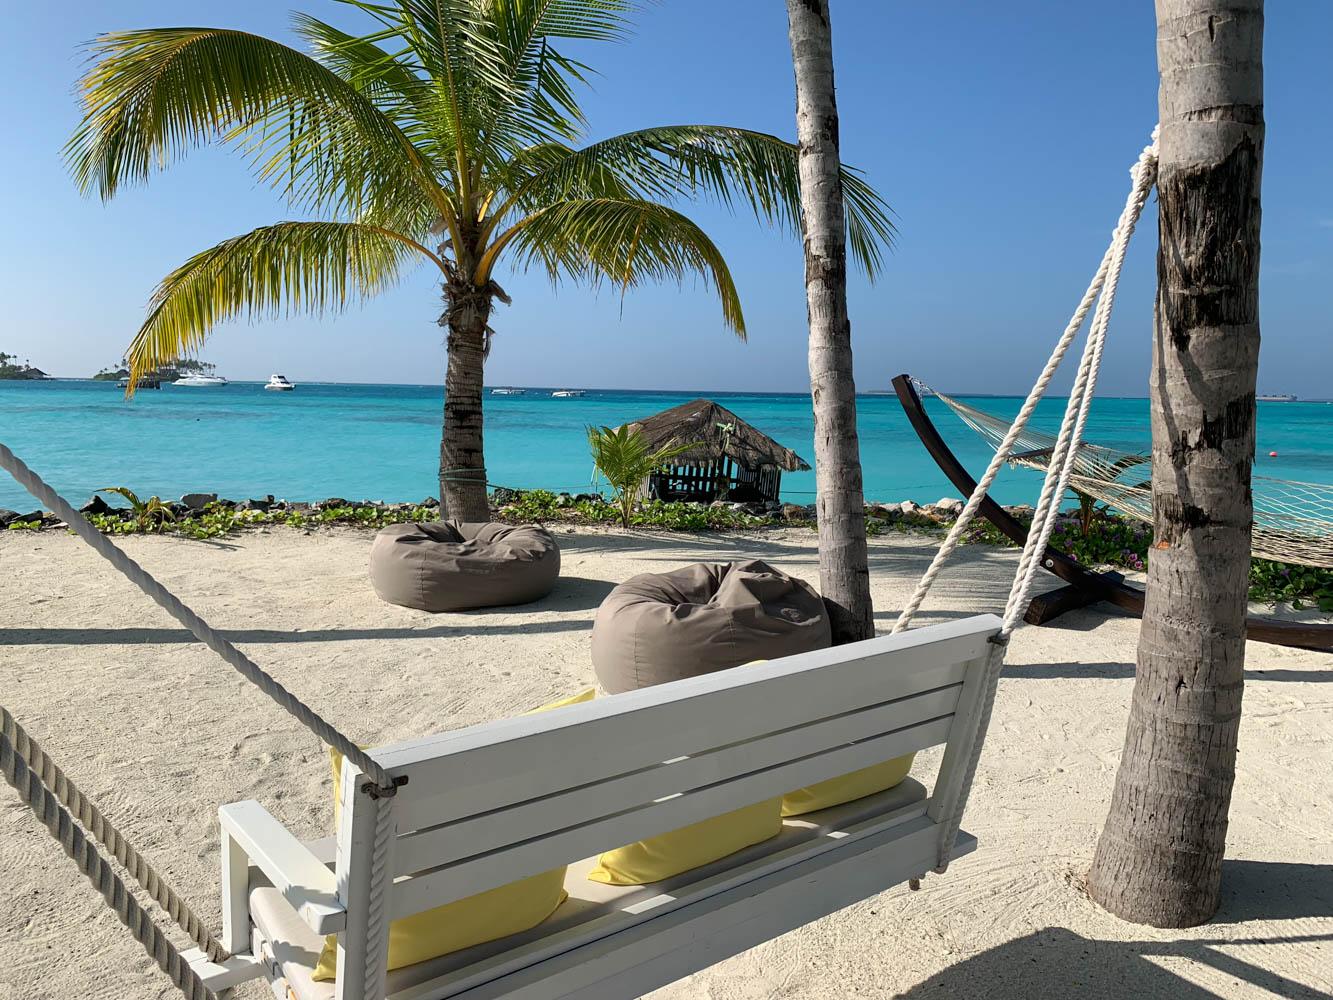 Maldives_Resort_Honeymoon_Cheval_Blanc_MaldivesTravelAdvisor-3.jpg